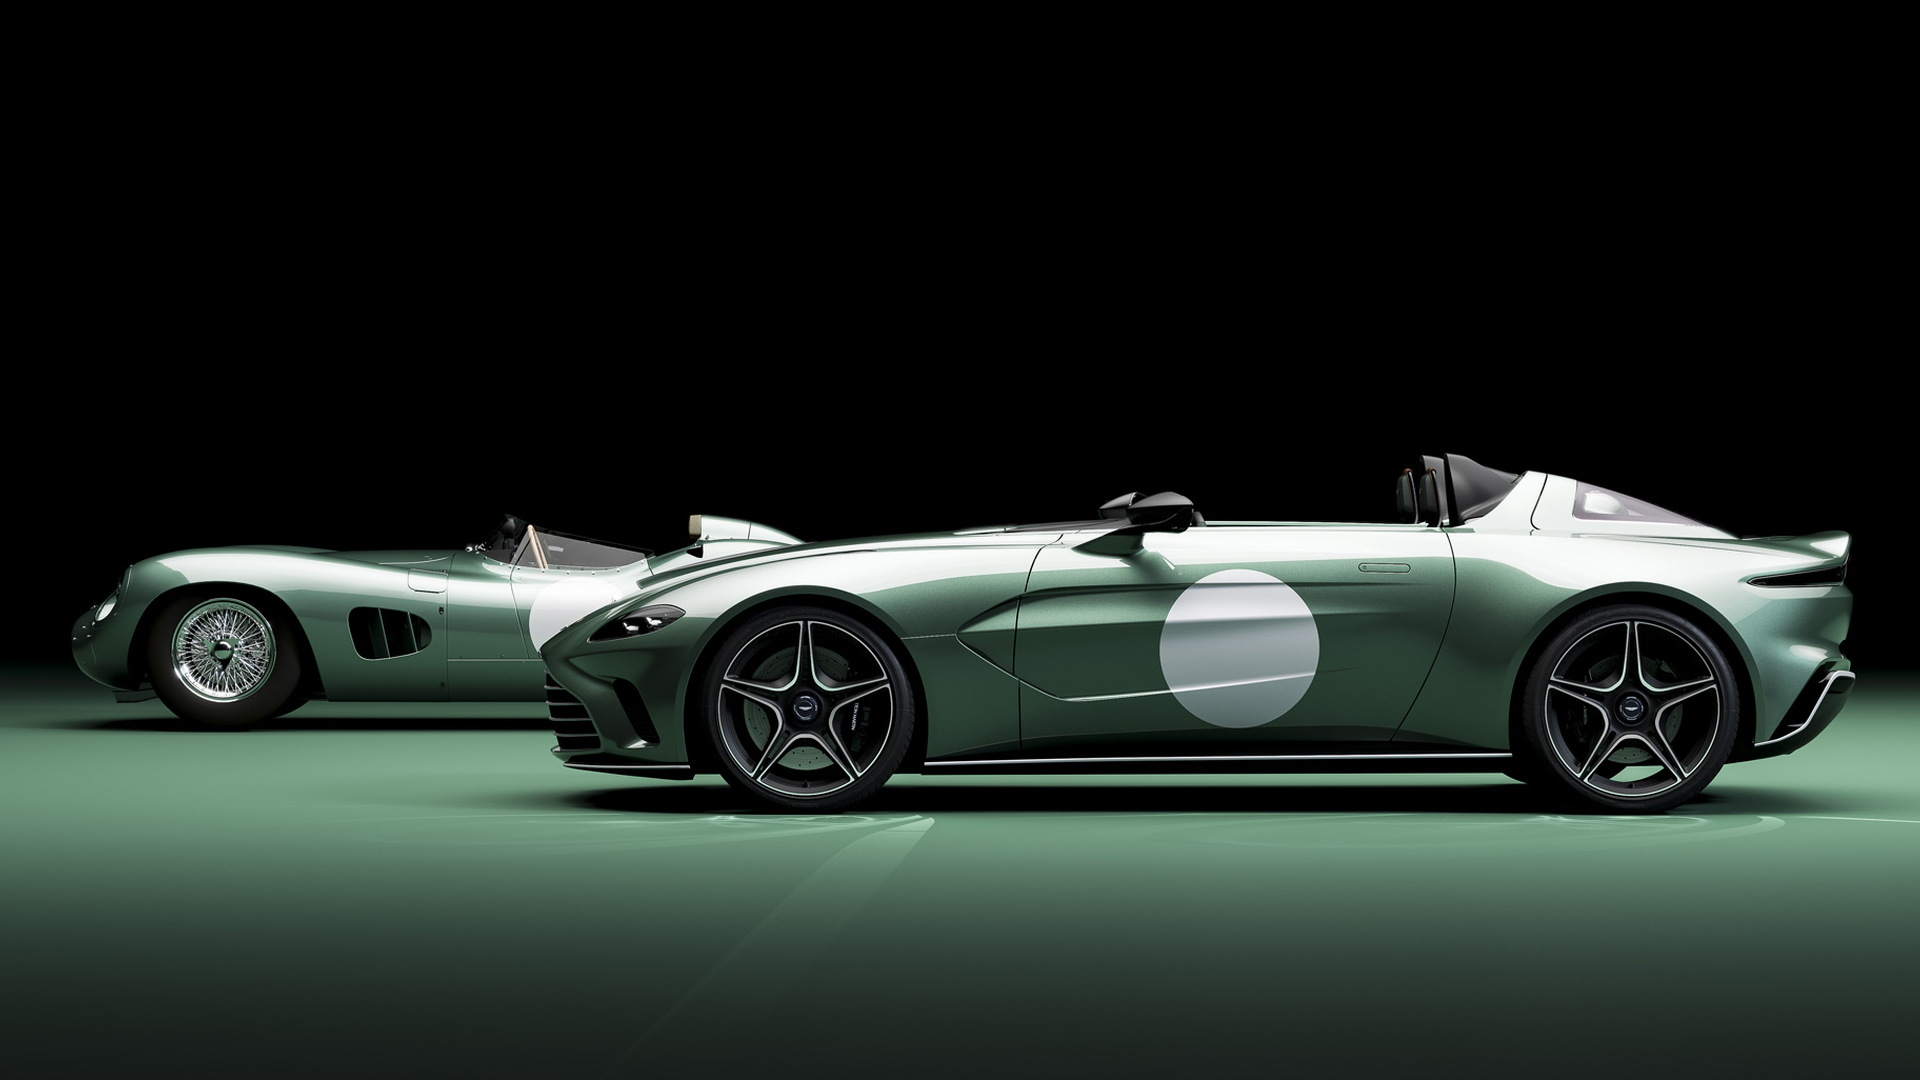 Aston Martin V12 Speedster in DBR1 specification